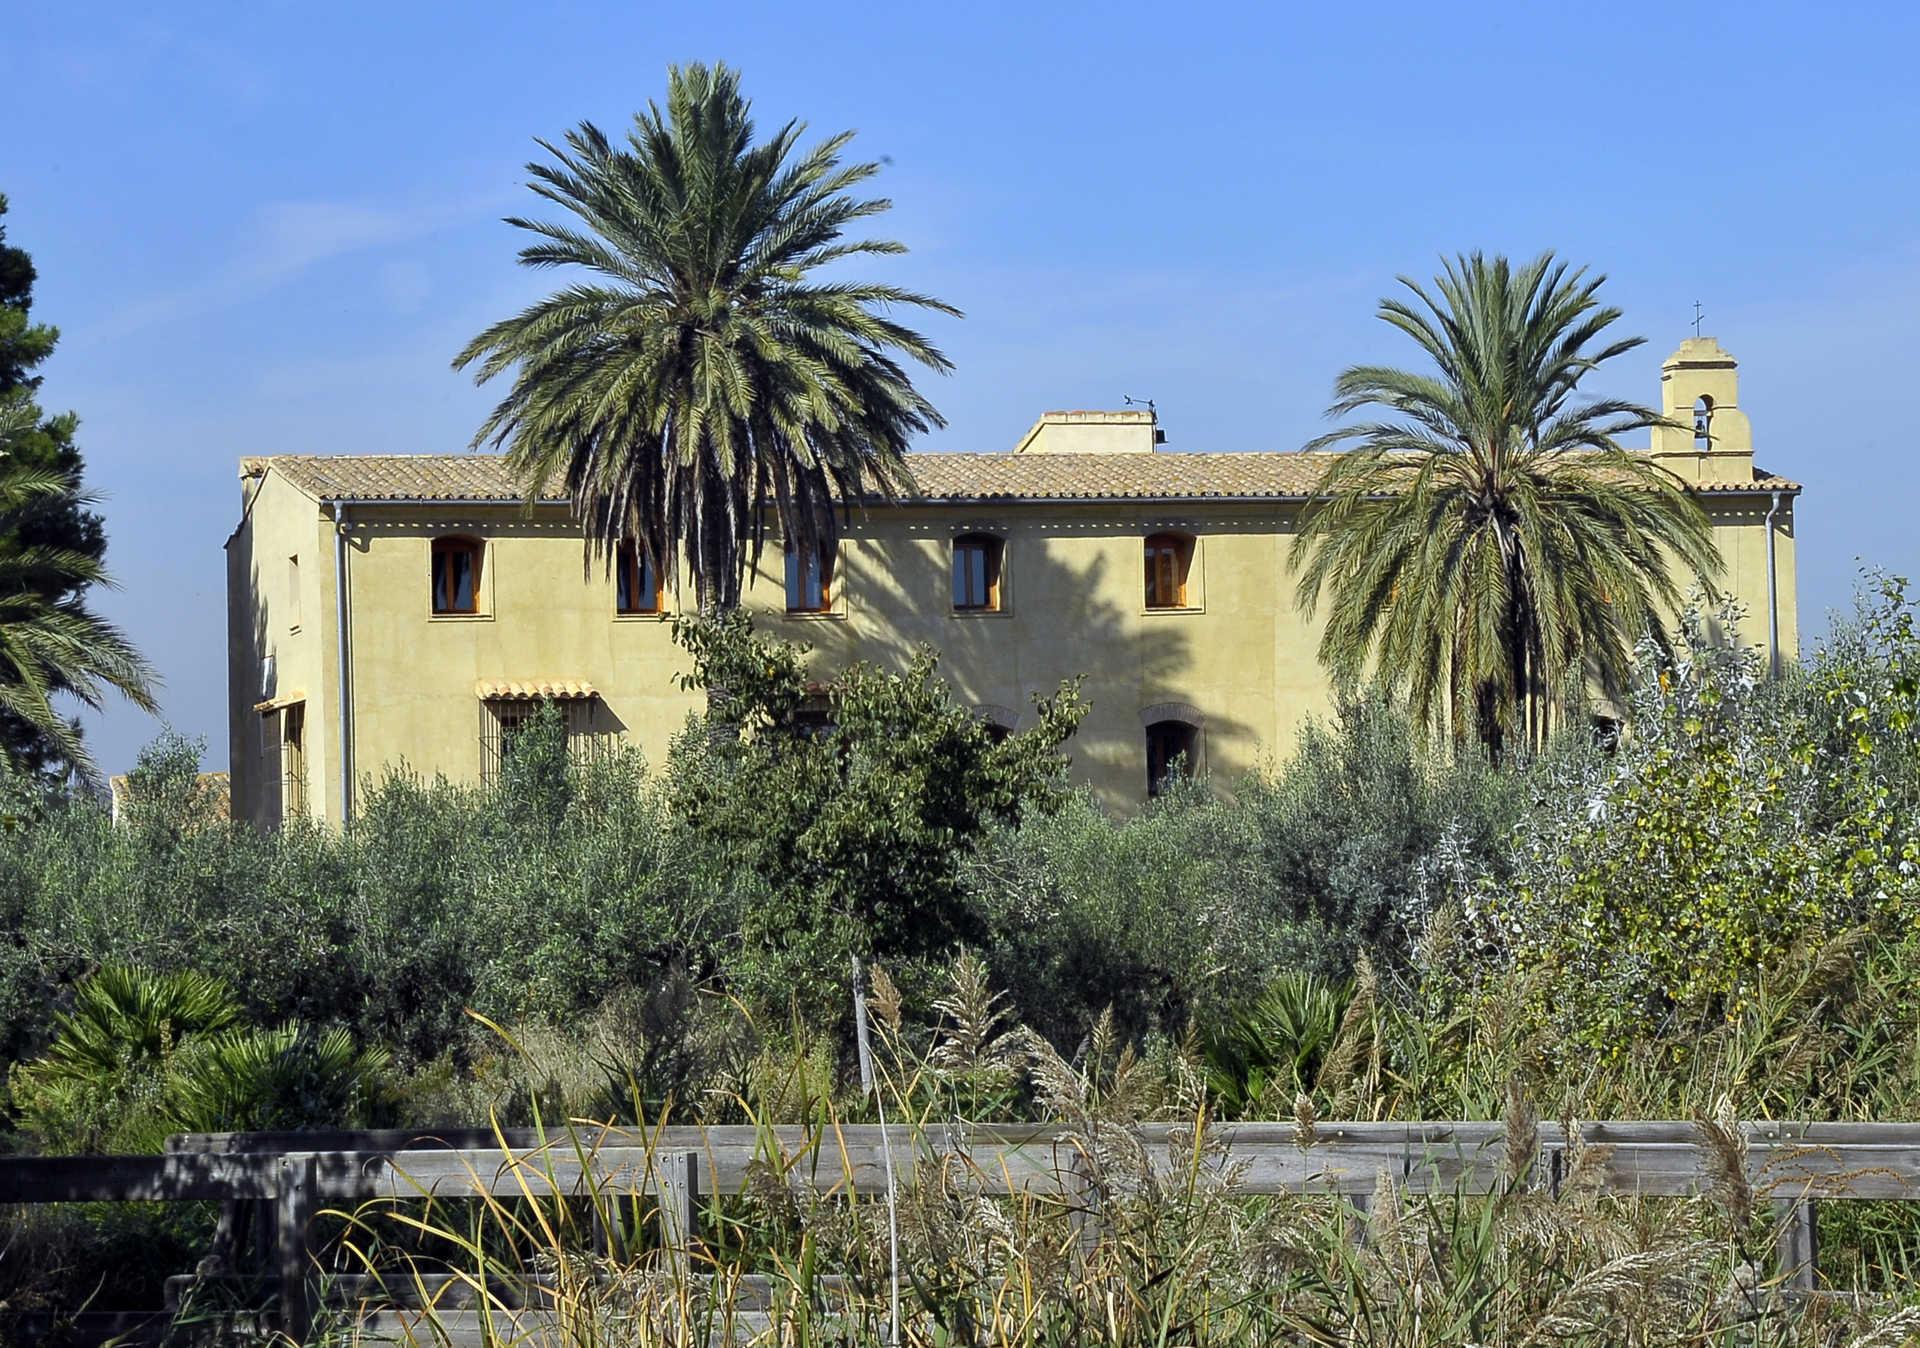 Centre d'educació ambiental de la Comunitat Valenciana - Alqueria dels Frares